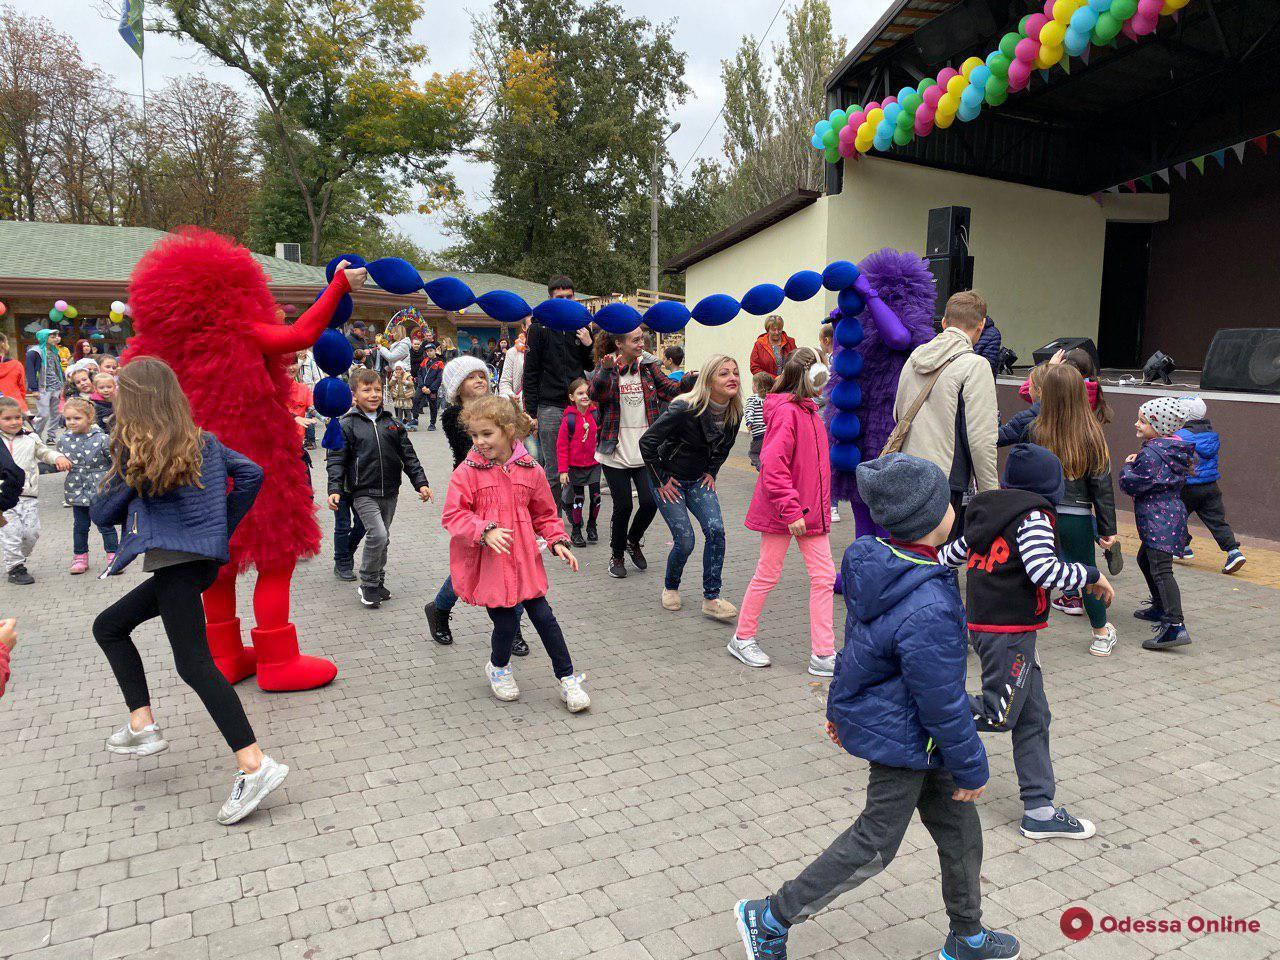 Призы, дискотека и новый арт-объект: одесситы празднуют день рождения парка Горького (фоторепортаж)